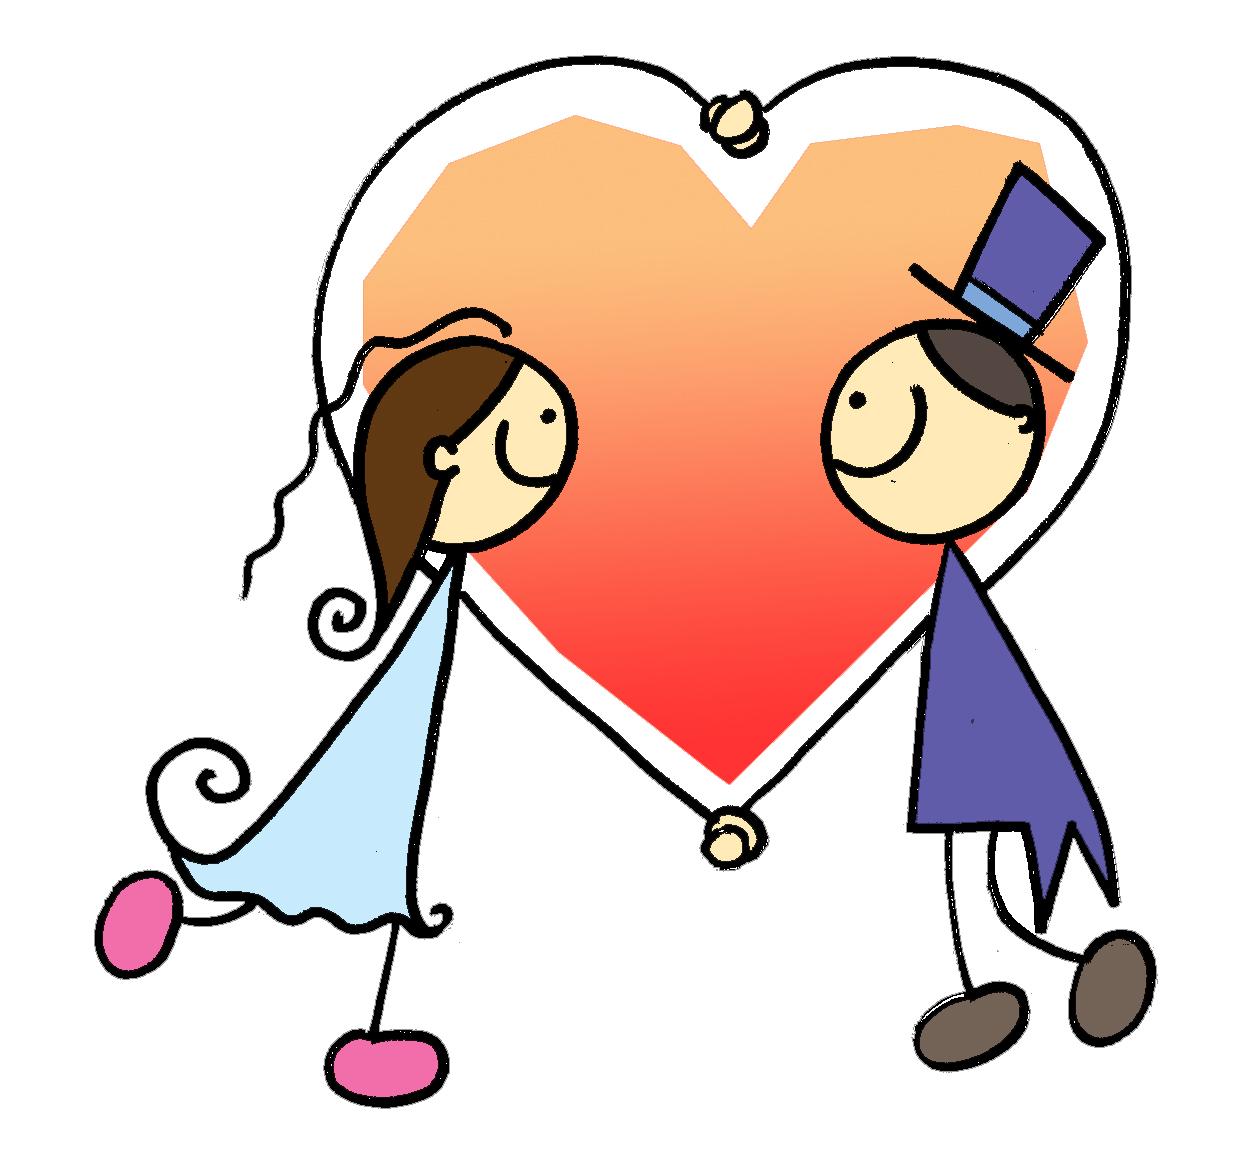 Fizesse Alguns Desenhos Para Ilustrar O Convite De Casamento  Ei Los